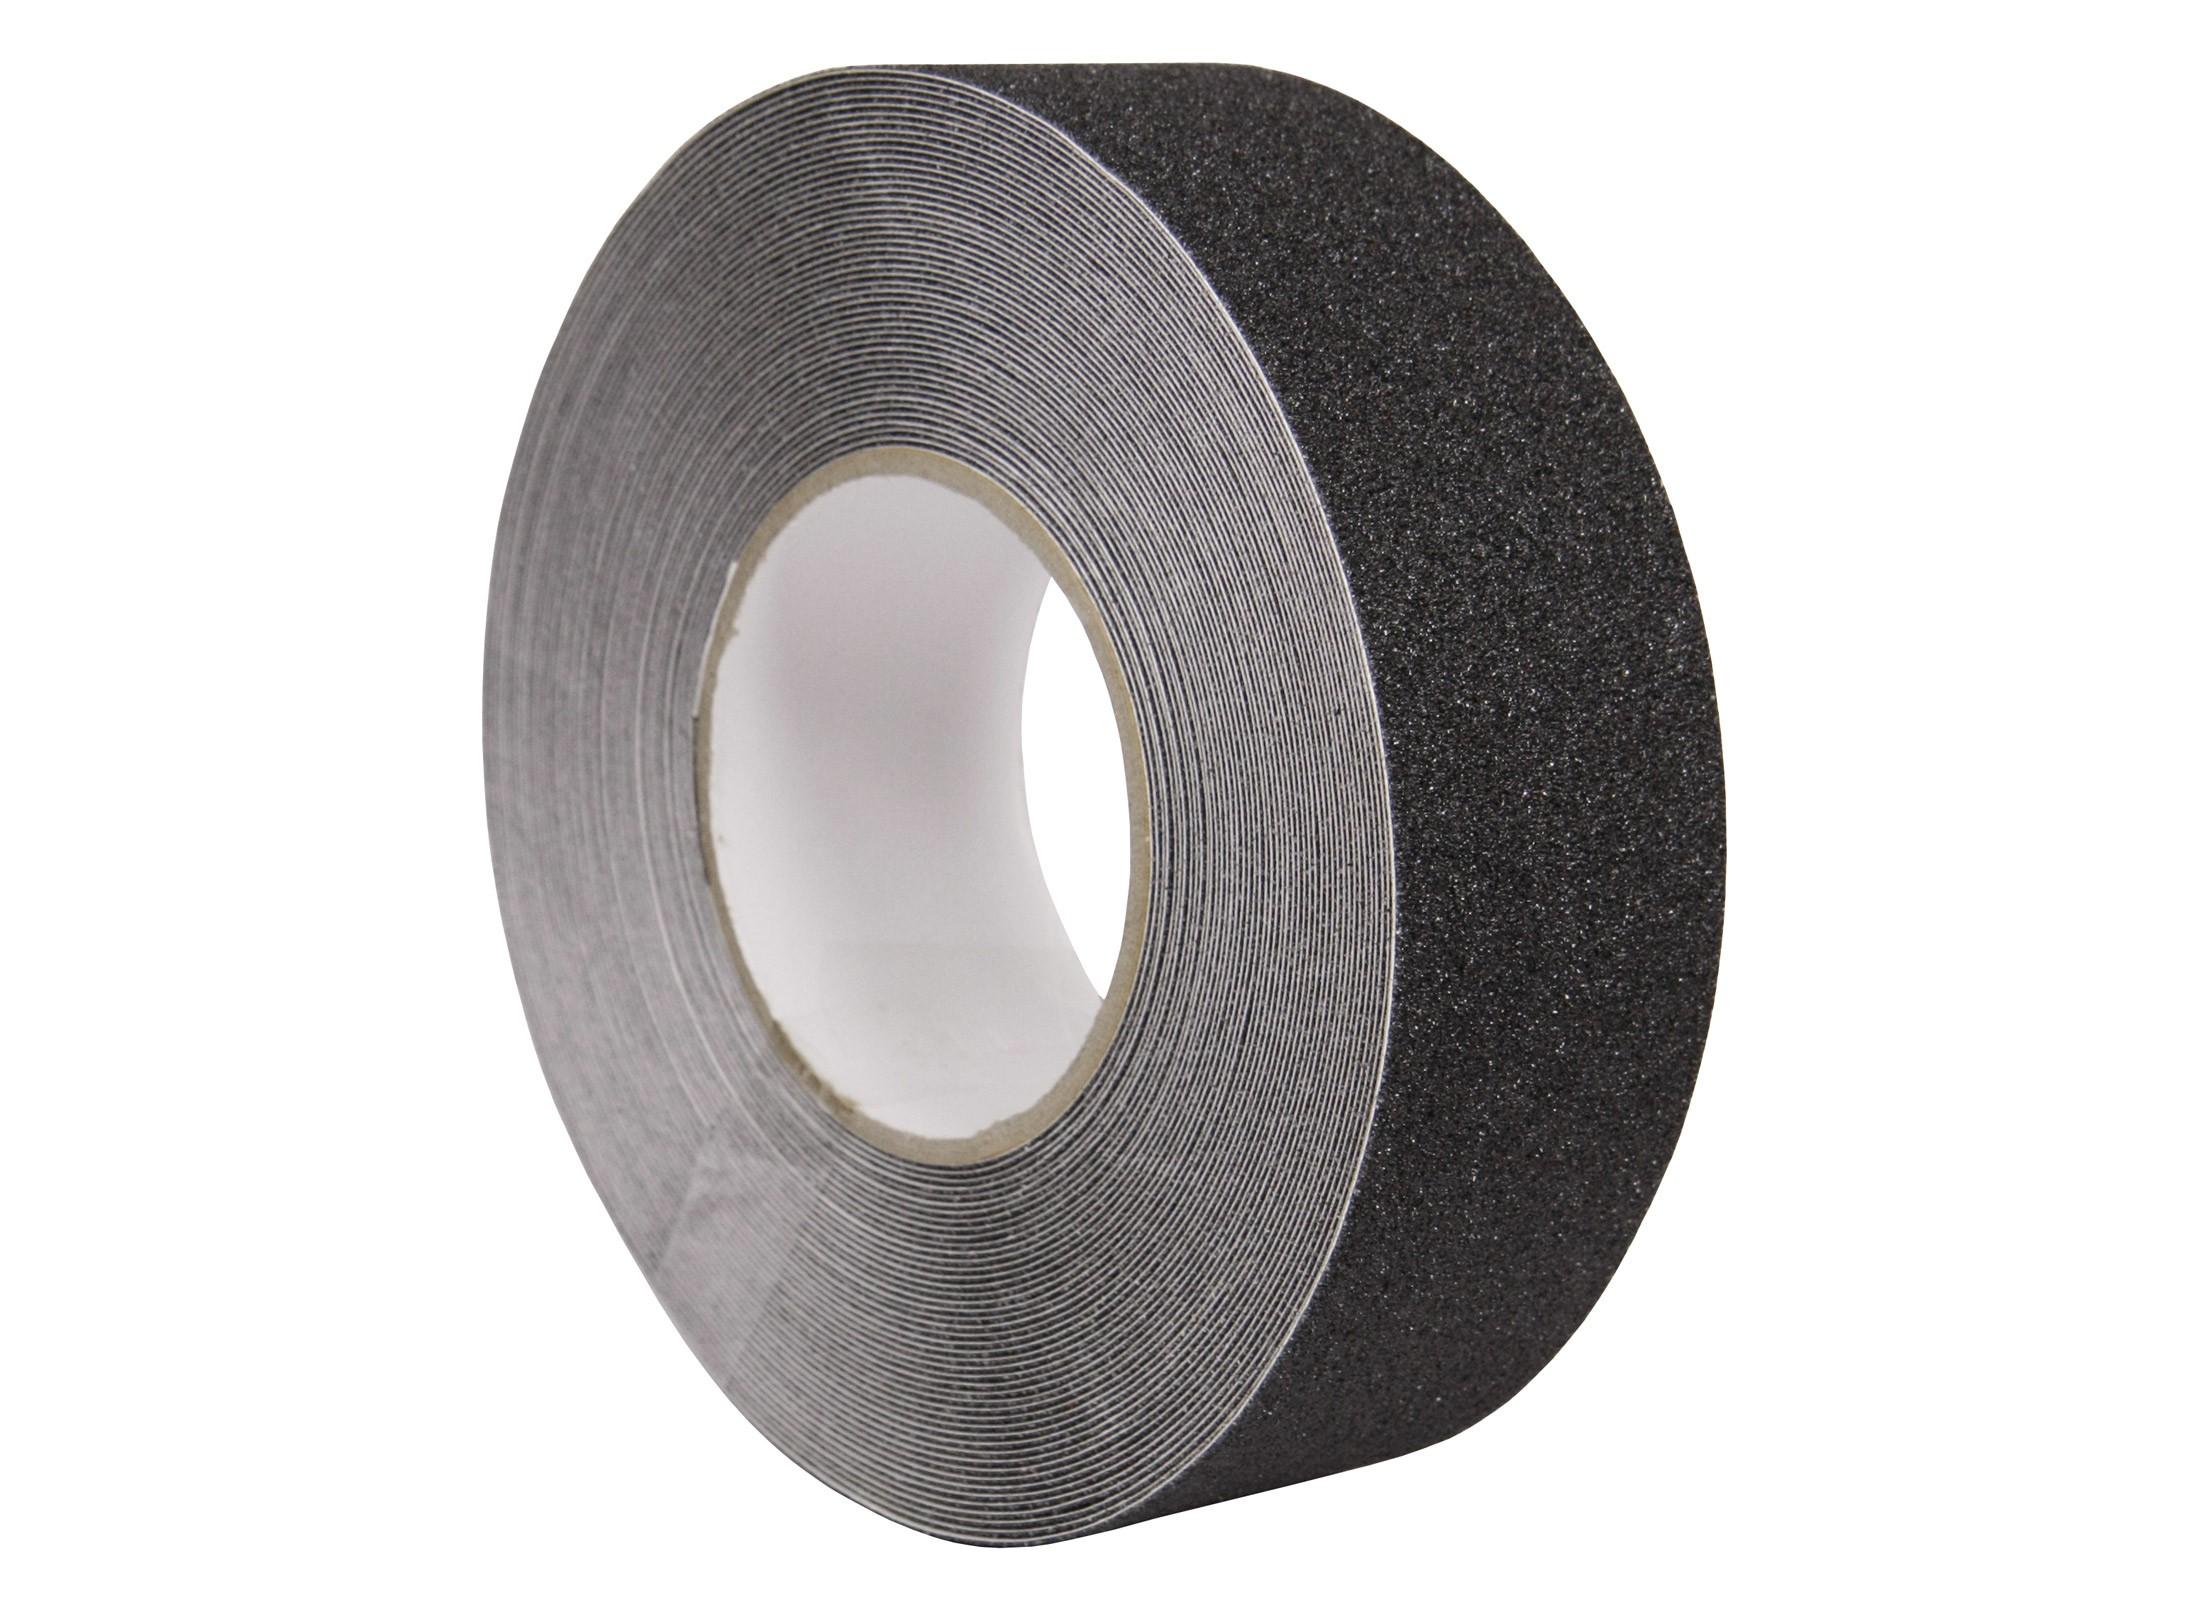 sweetpro ta stb 018 50 anti rutsch klebeband schwarz g nstig online kaufen bei huss licht ton. Black Bedroom Furniture Sets. Home Design Ideas